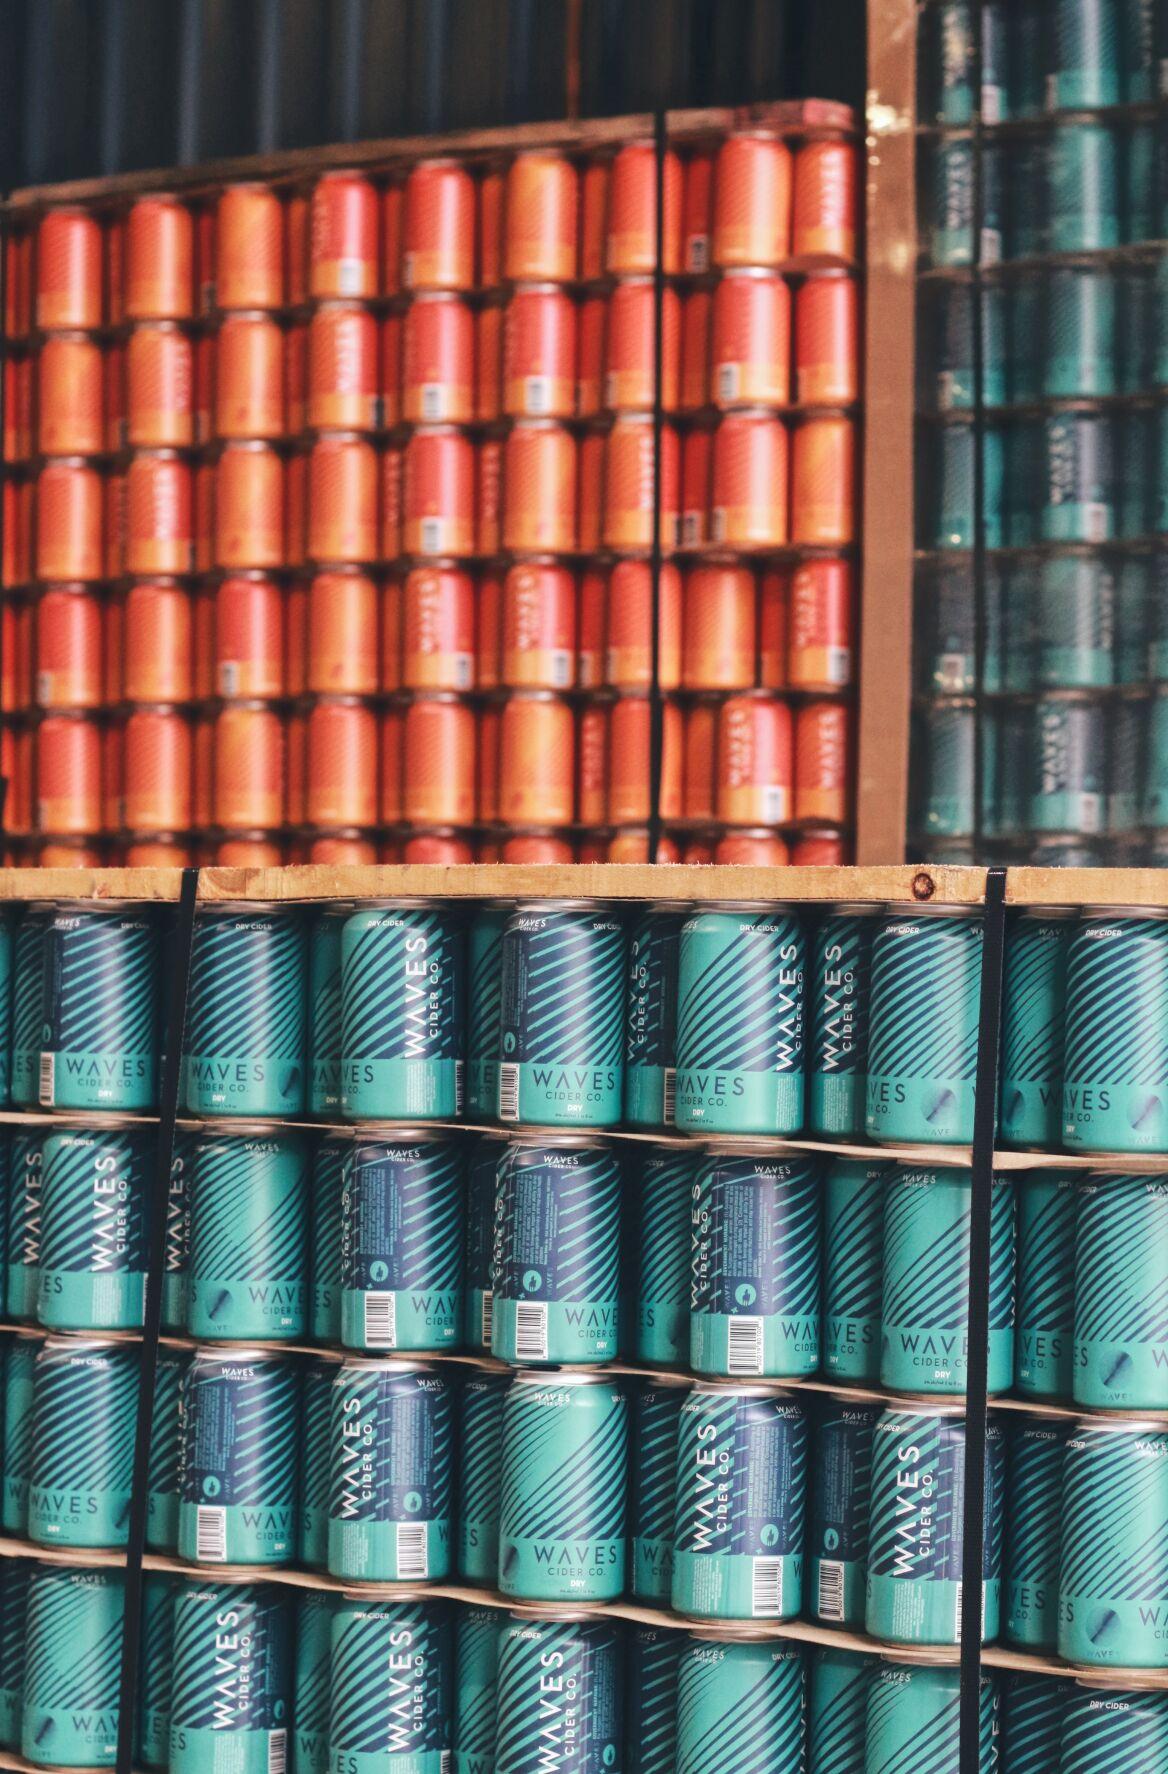 Waves Cider Beer